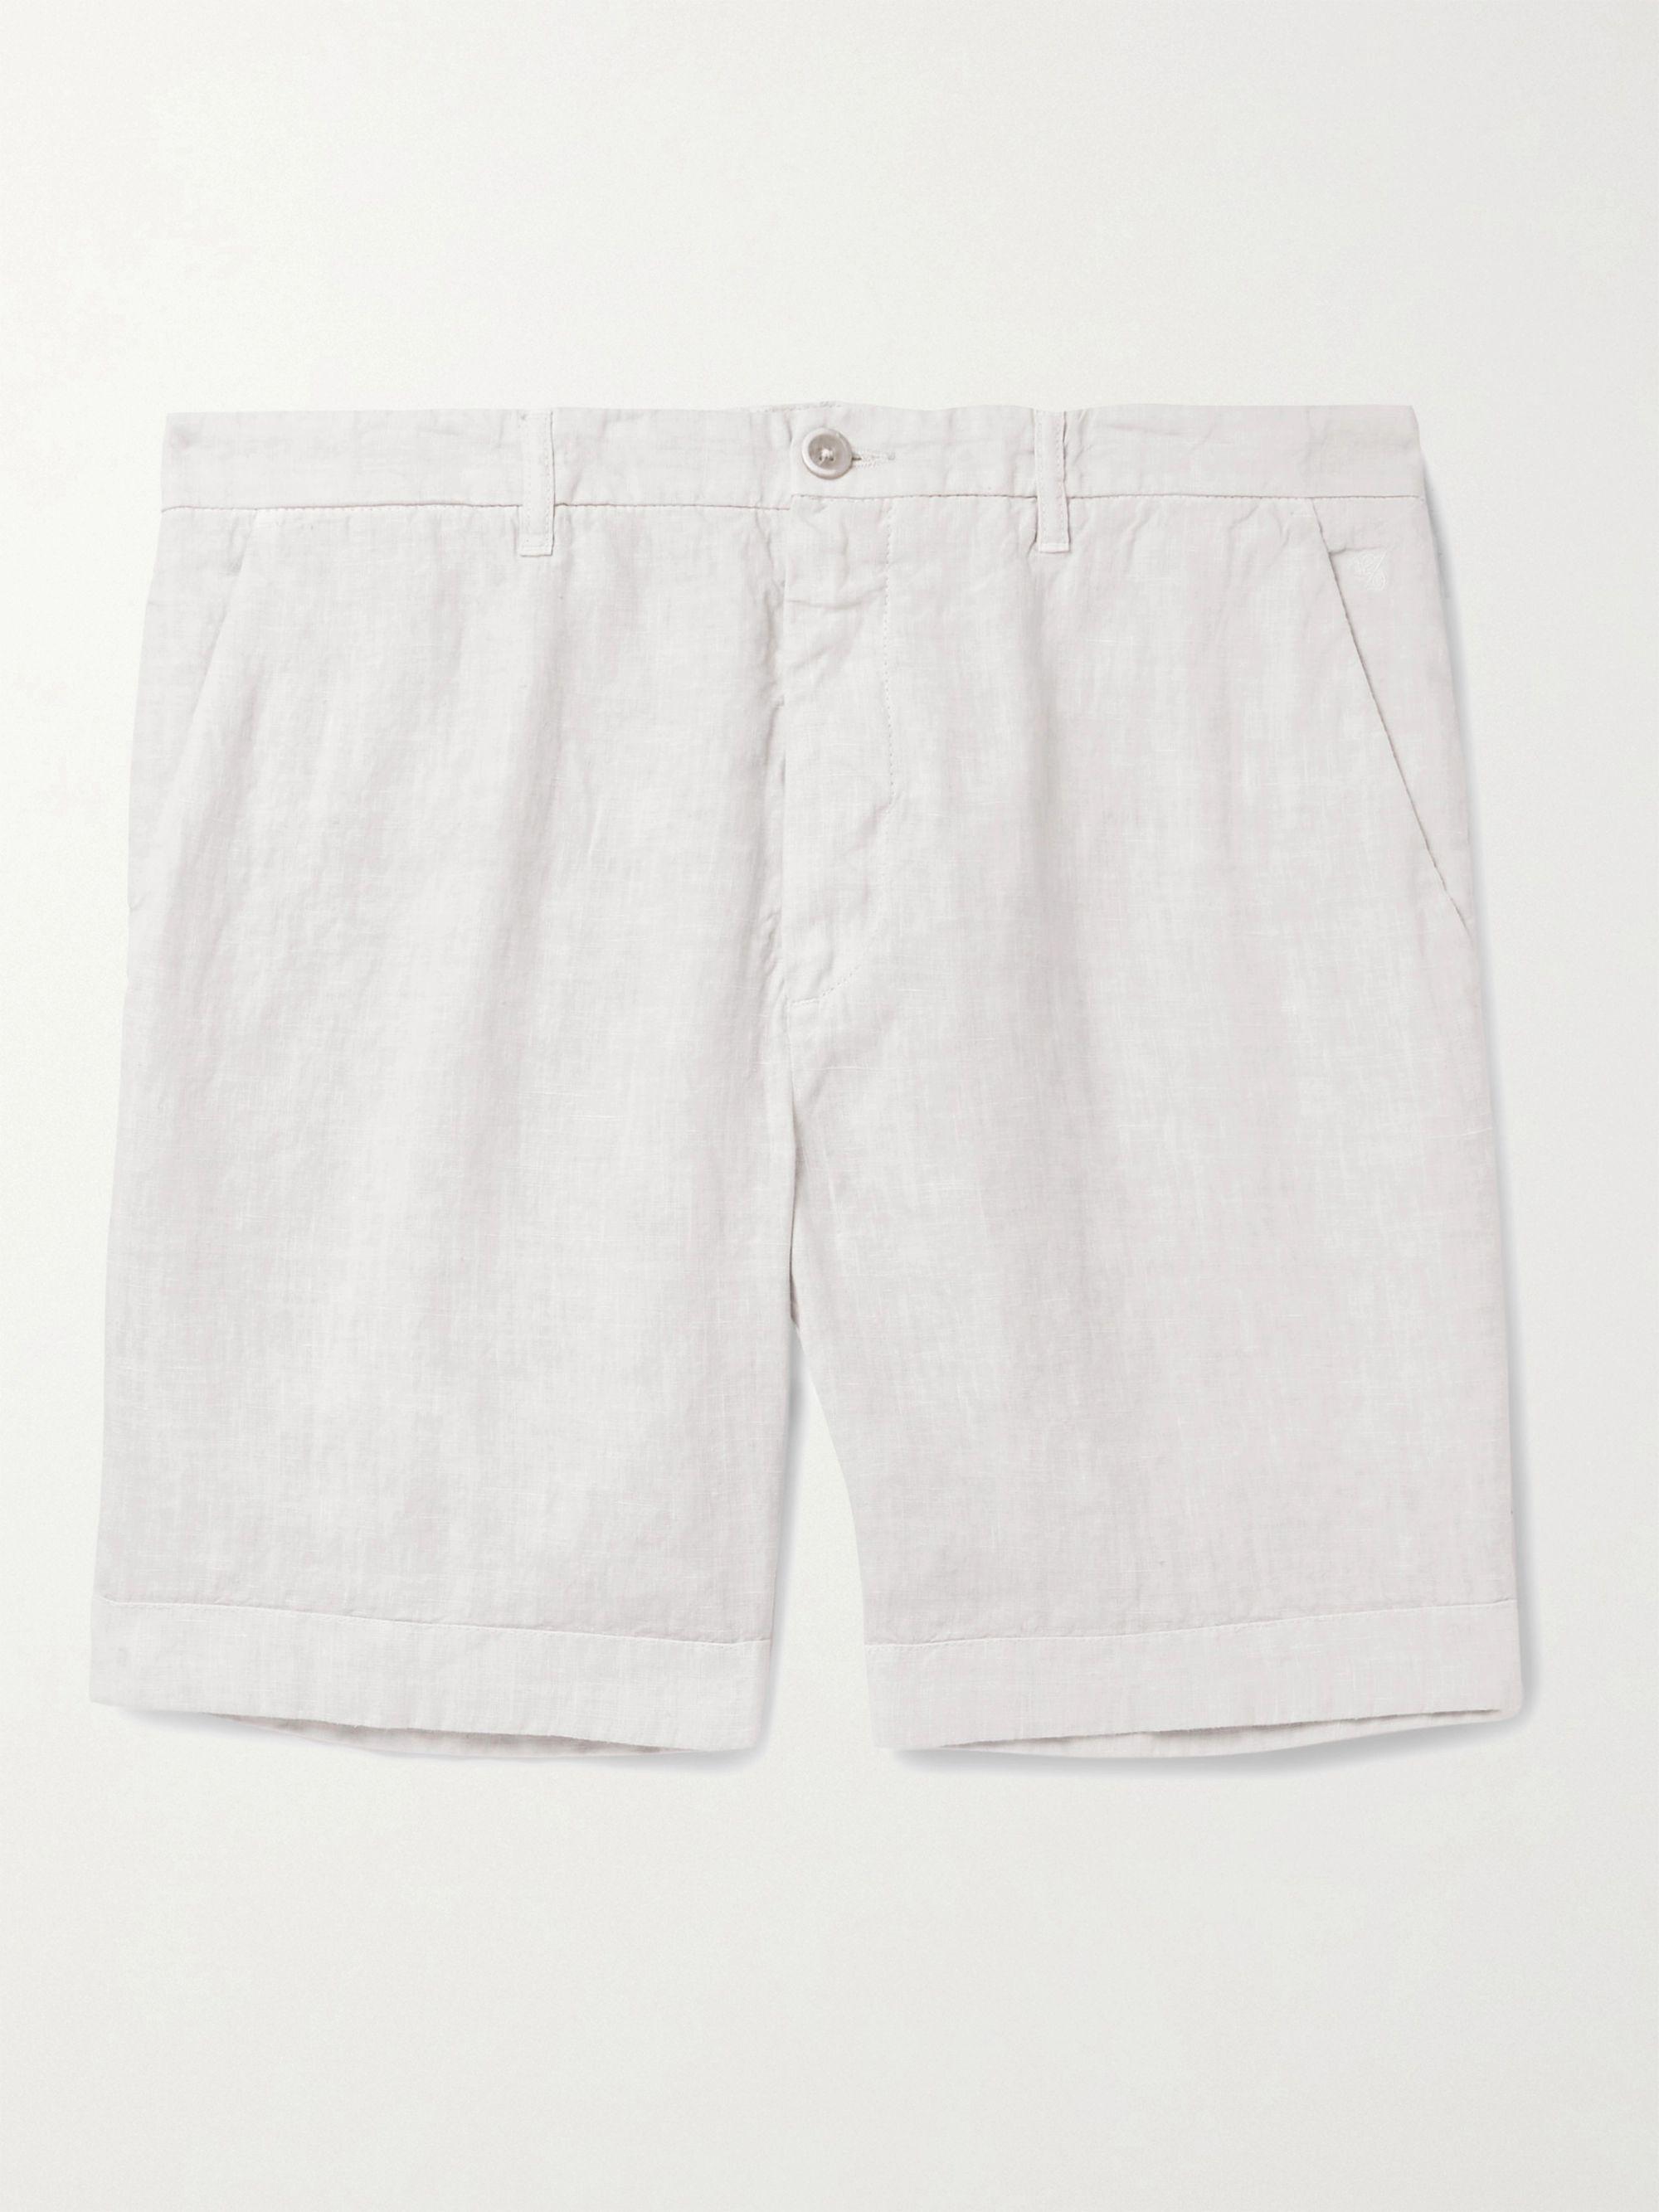 white shorts images